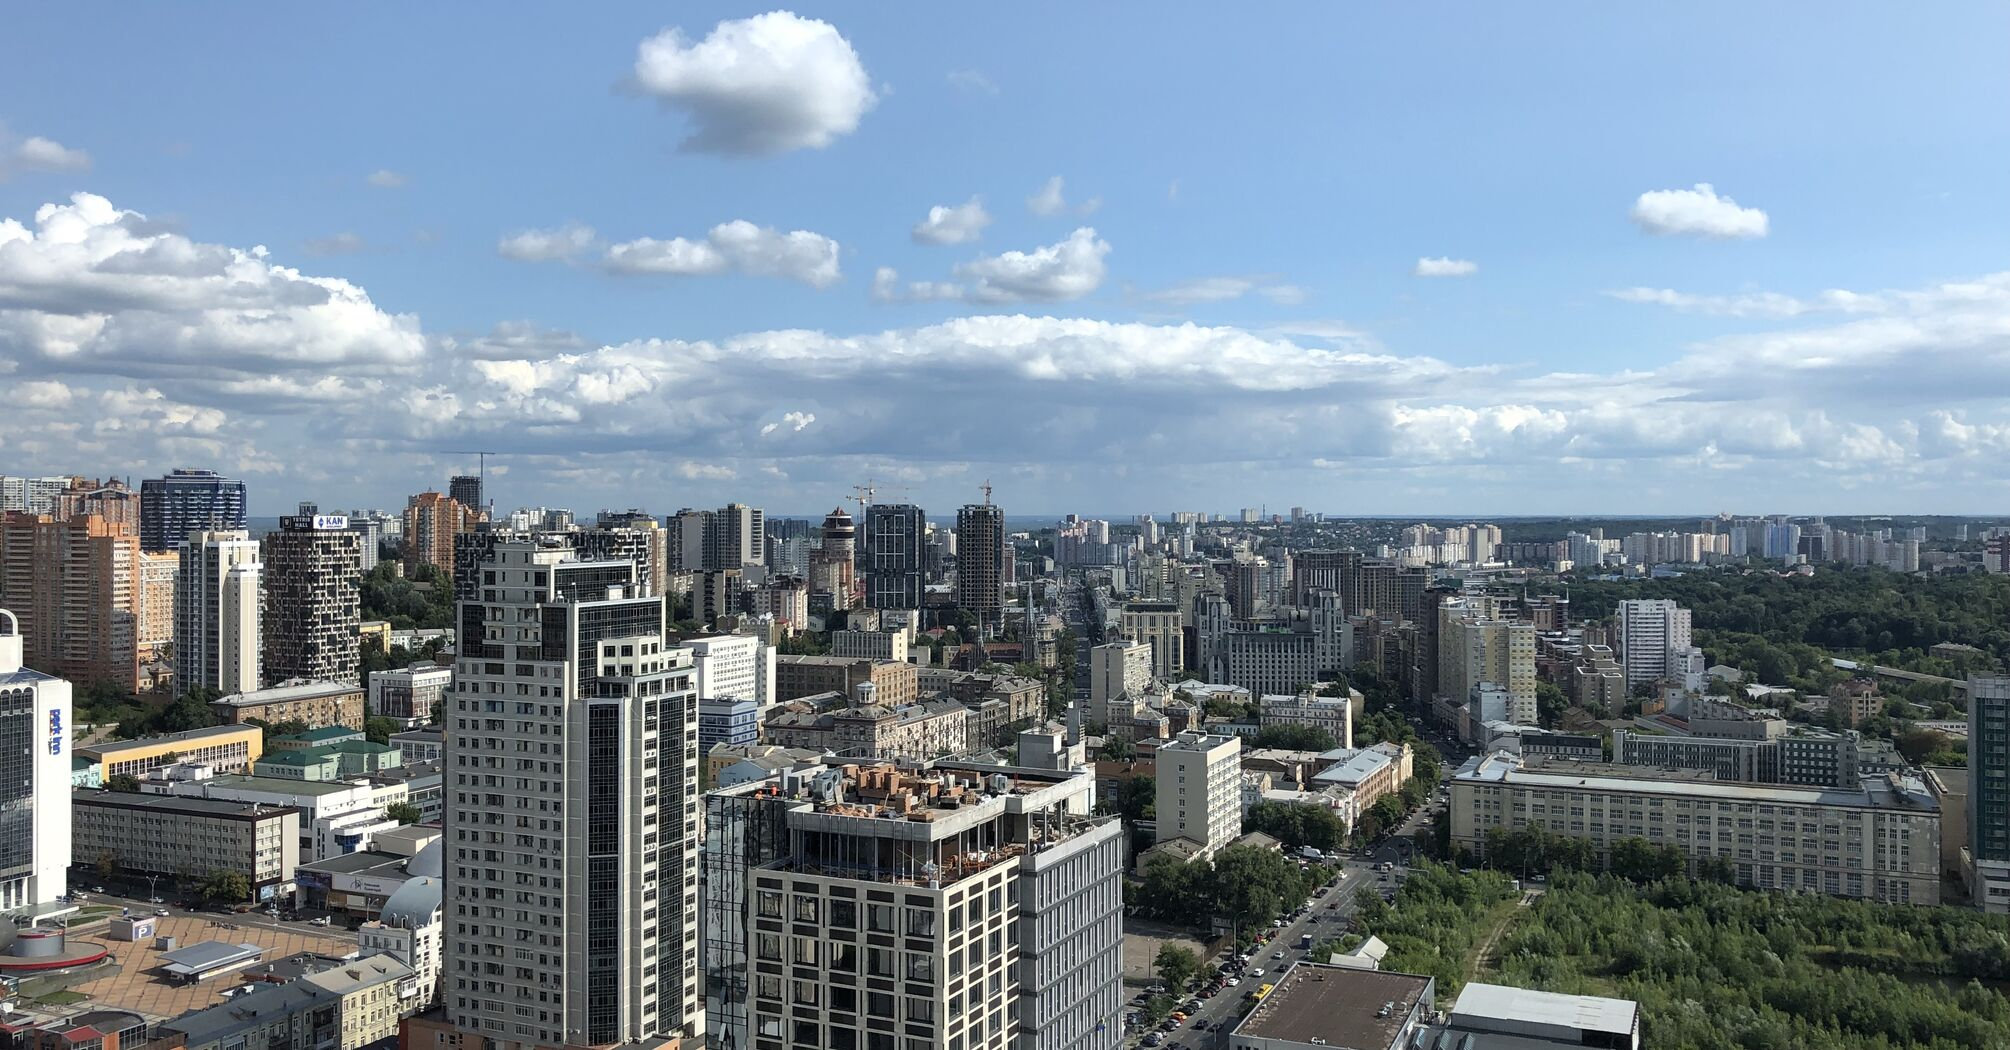 КМДА нагадує: для будівництва споруд вище 45 метрів у Києві потрібні особливі погодження